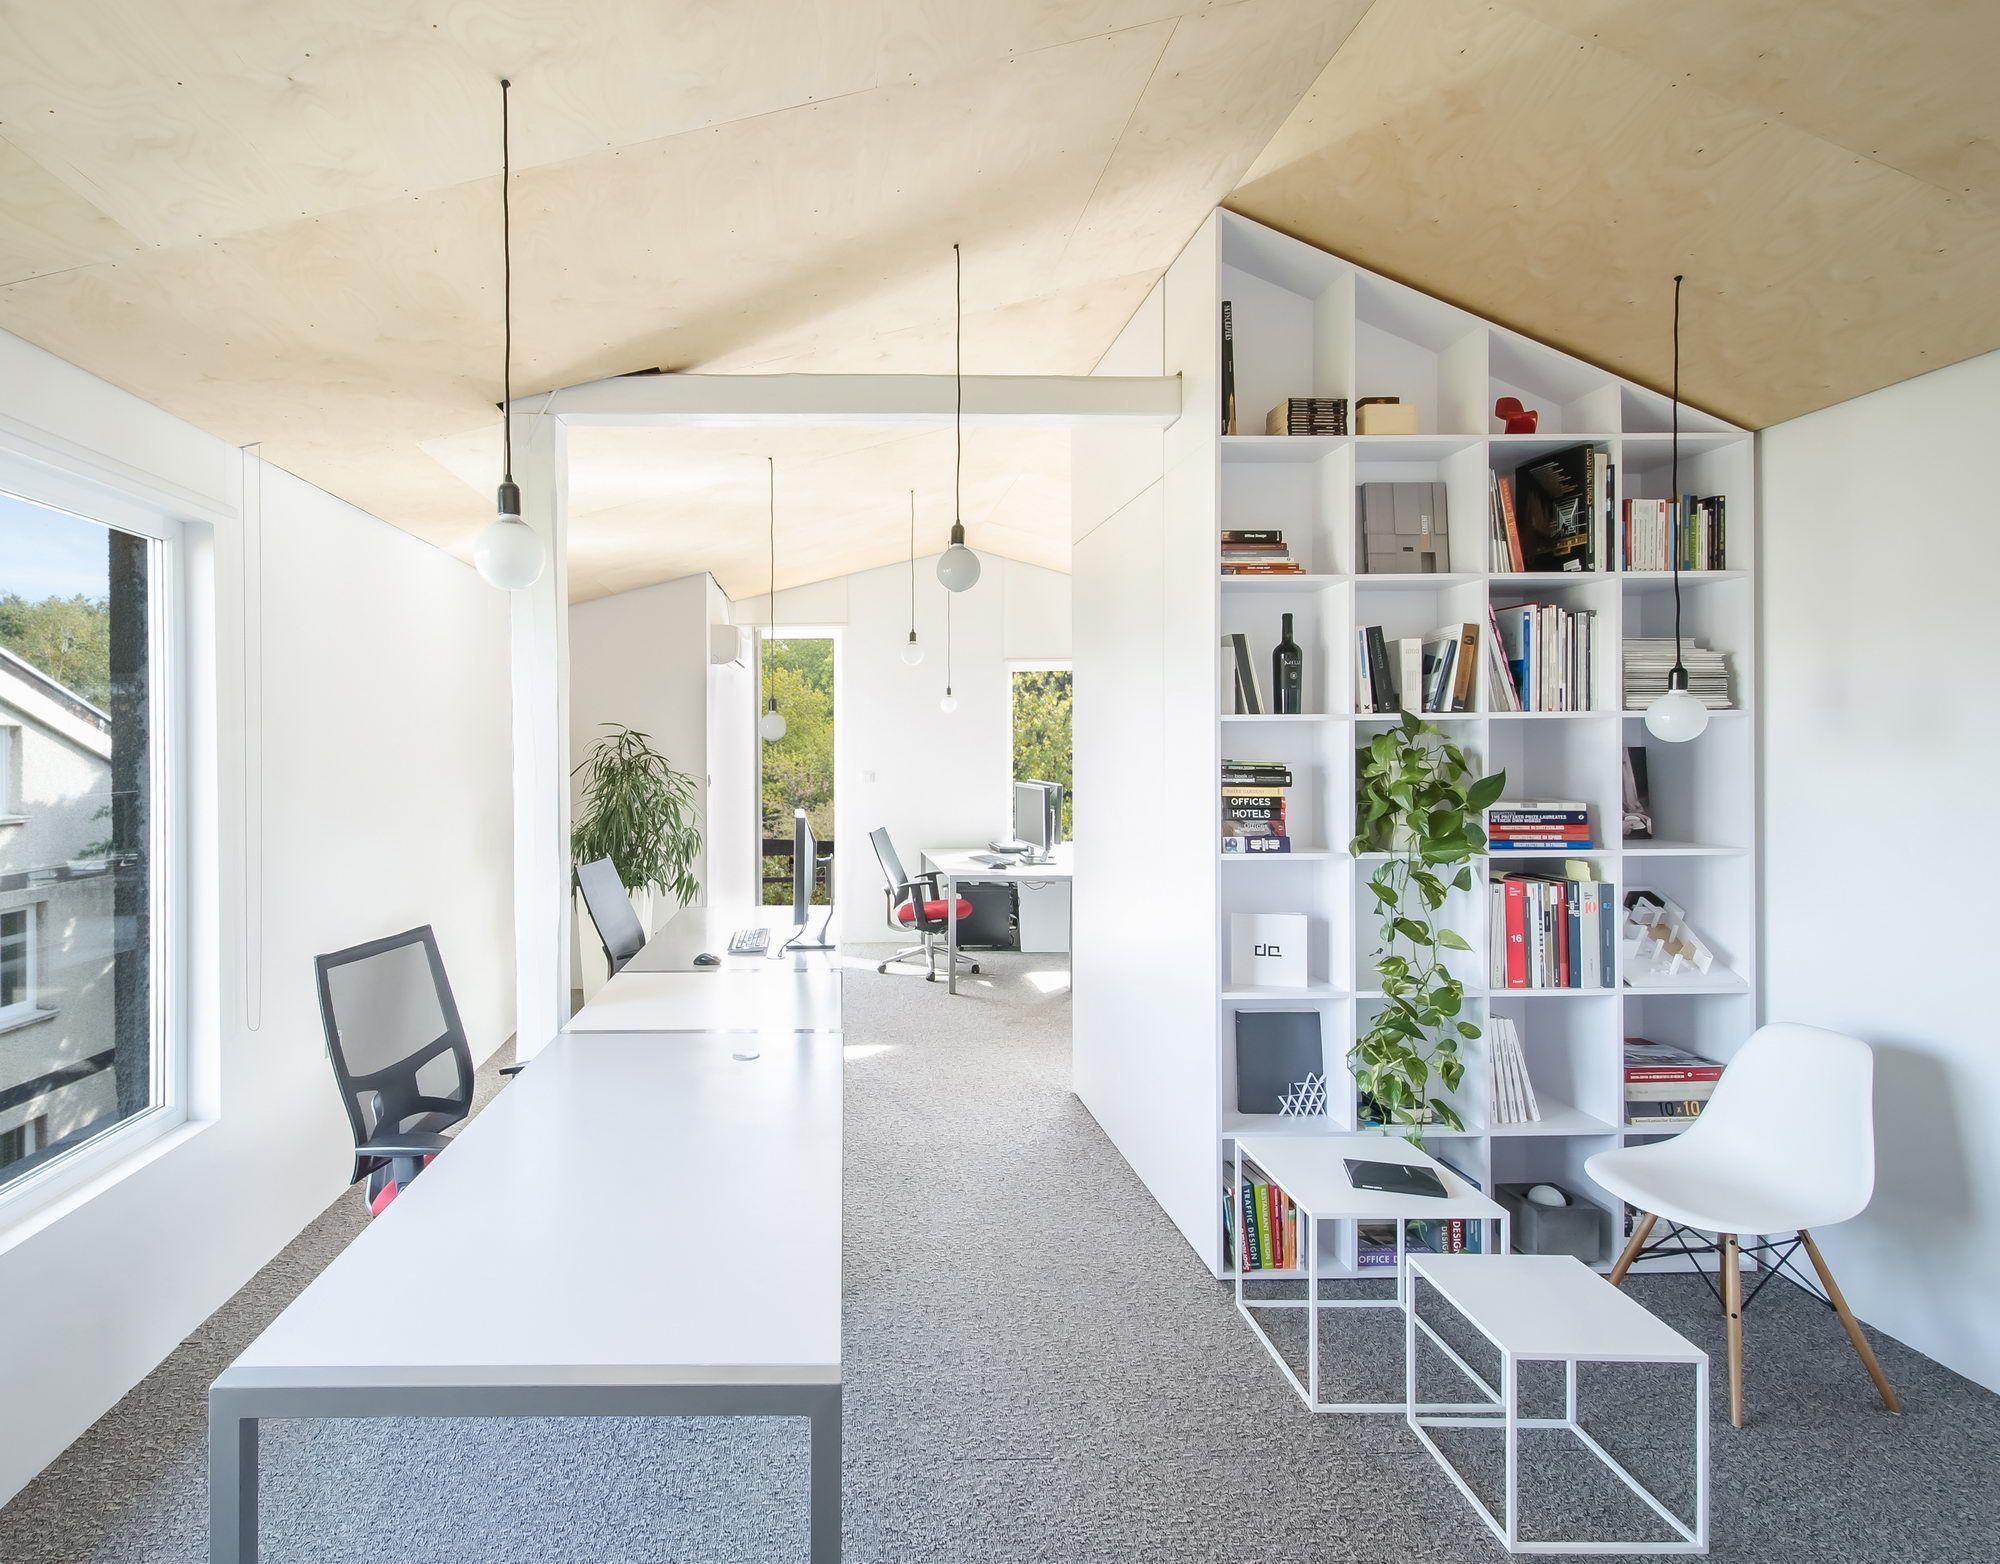 office da architects. home like office space of da architects da h